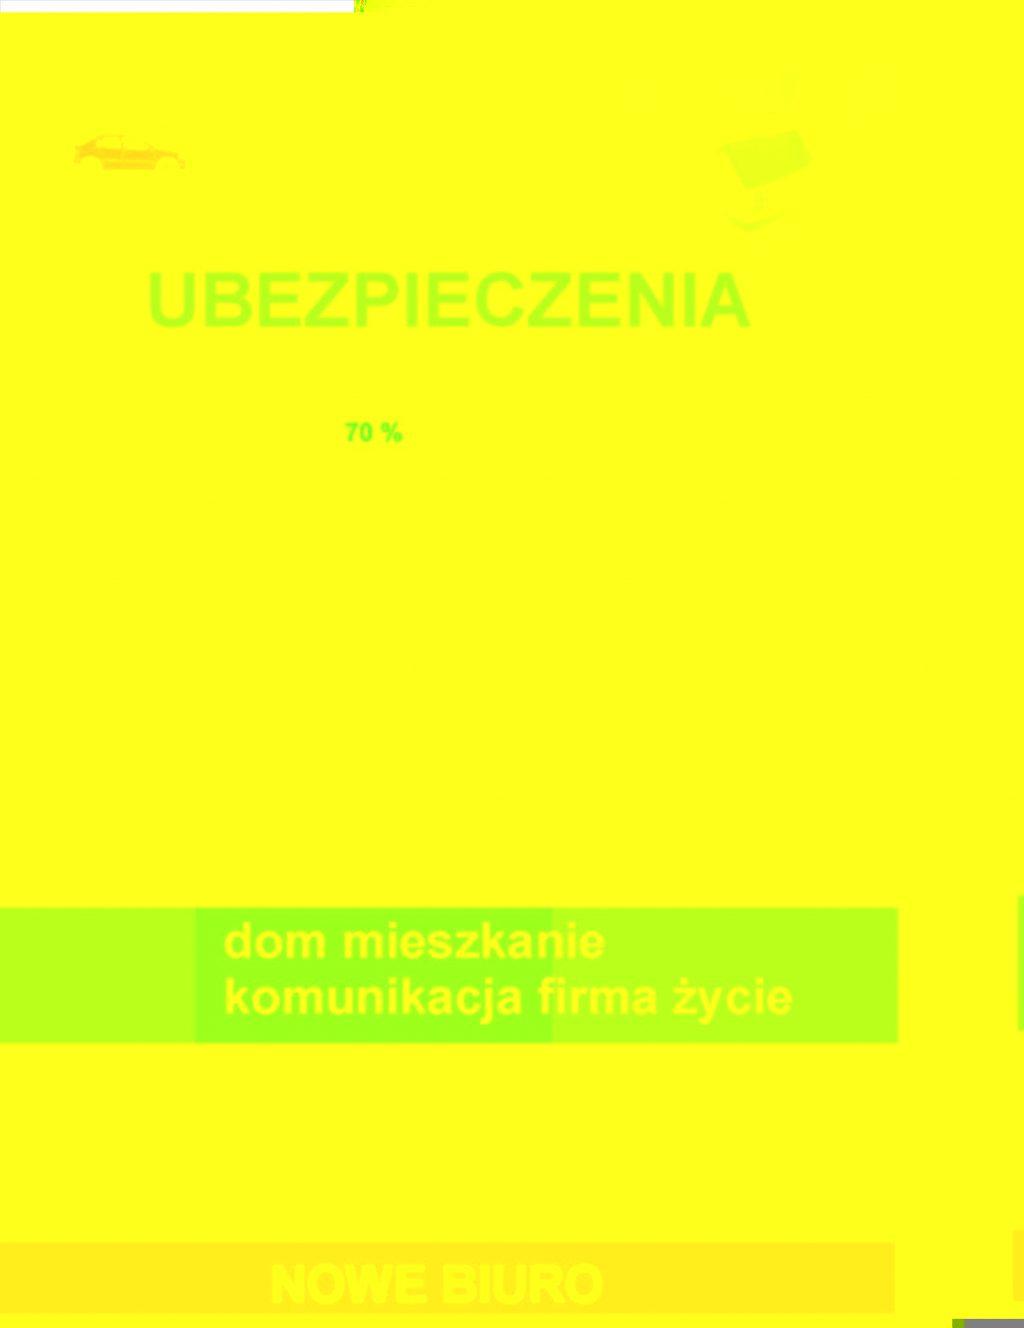 ewubezp[20].jpg